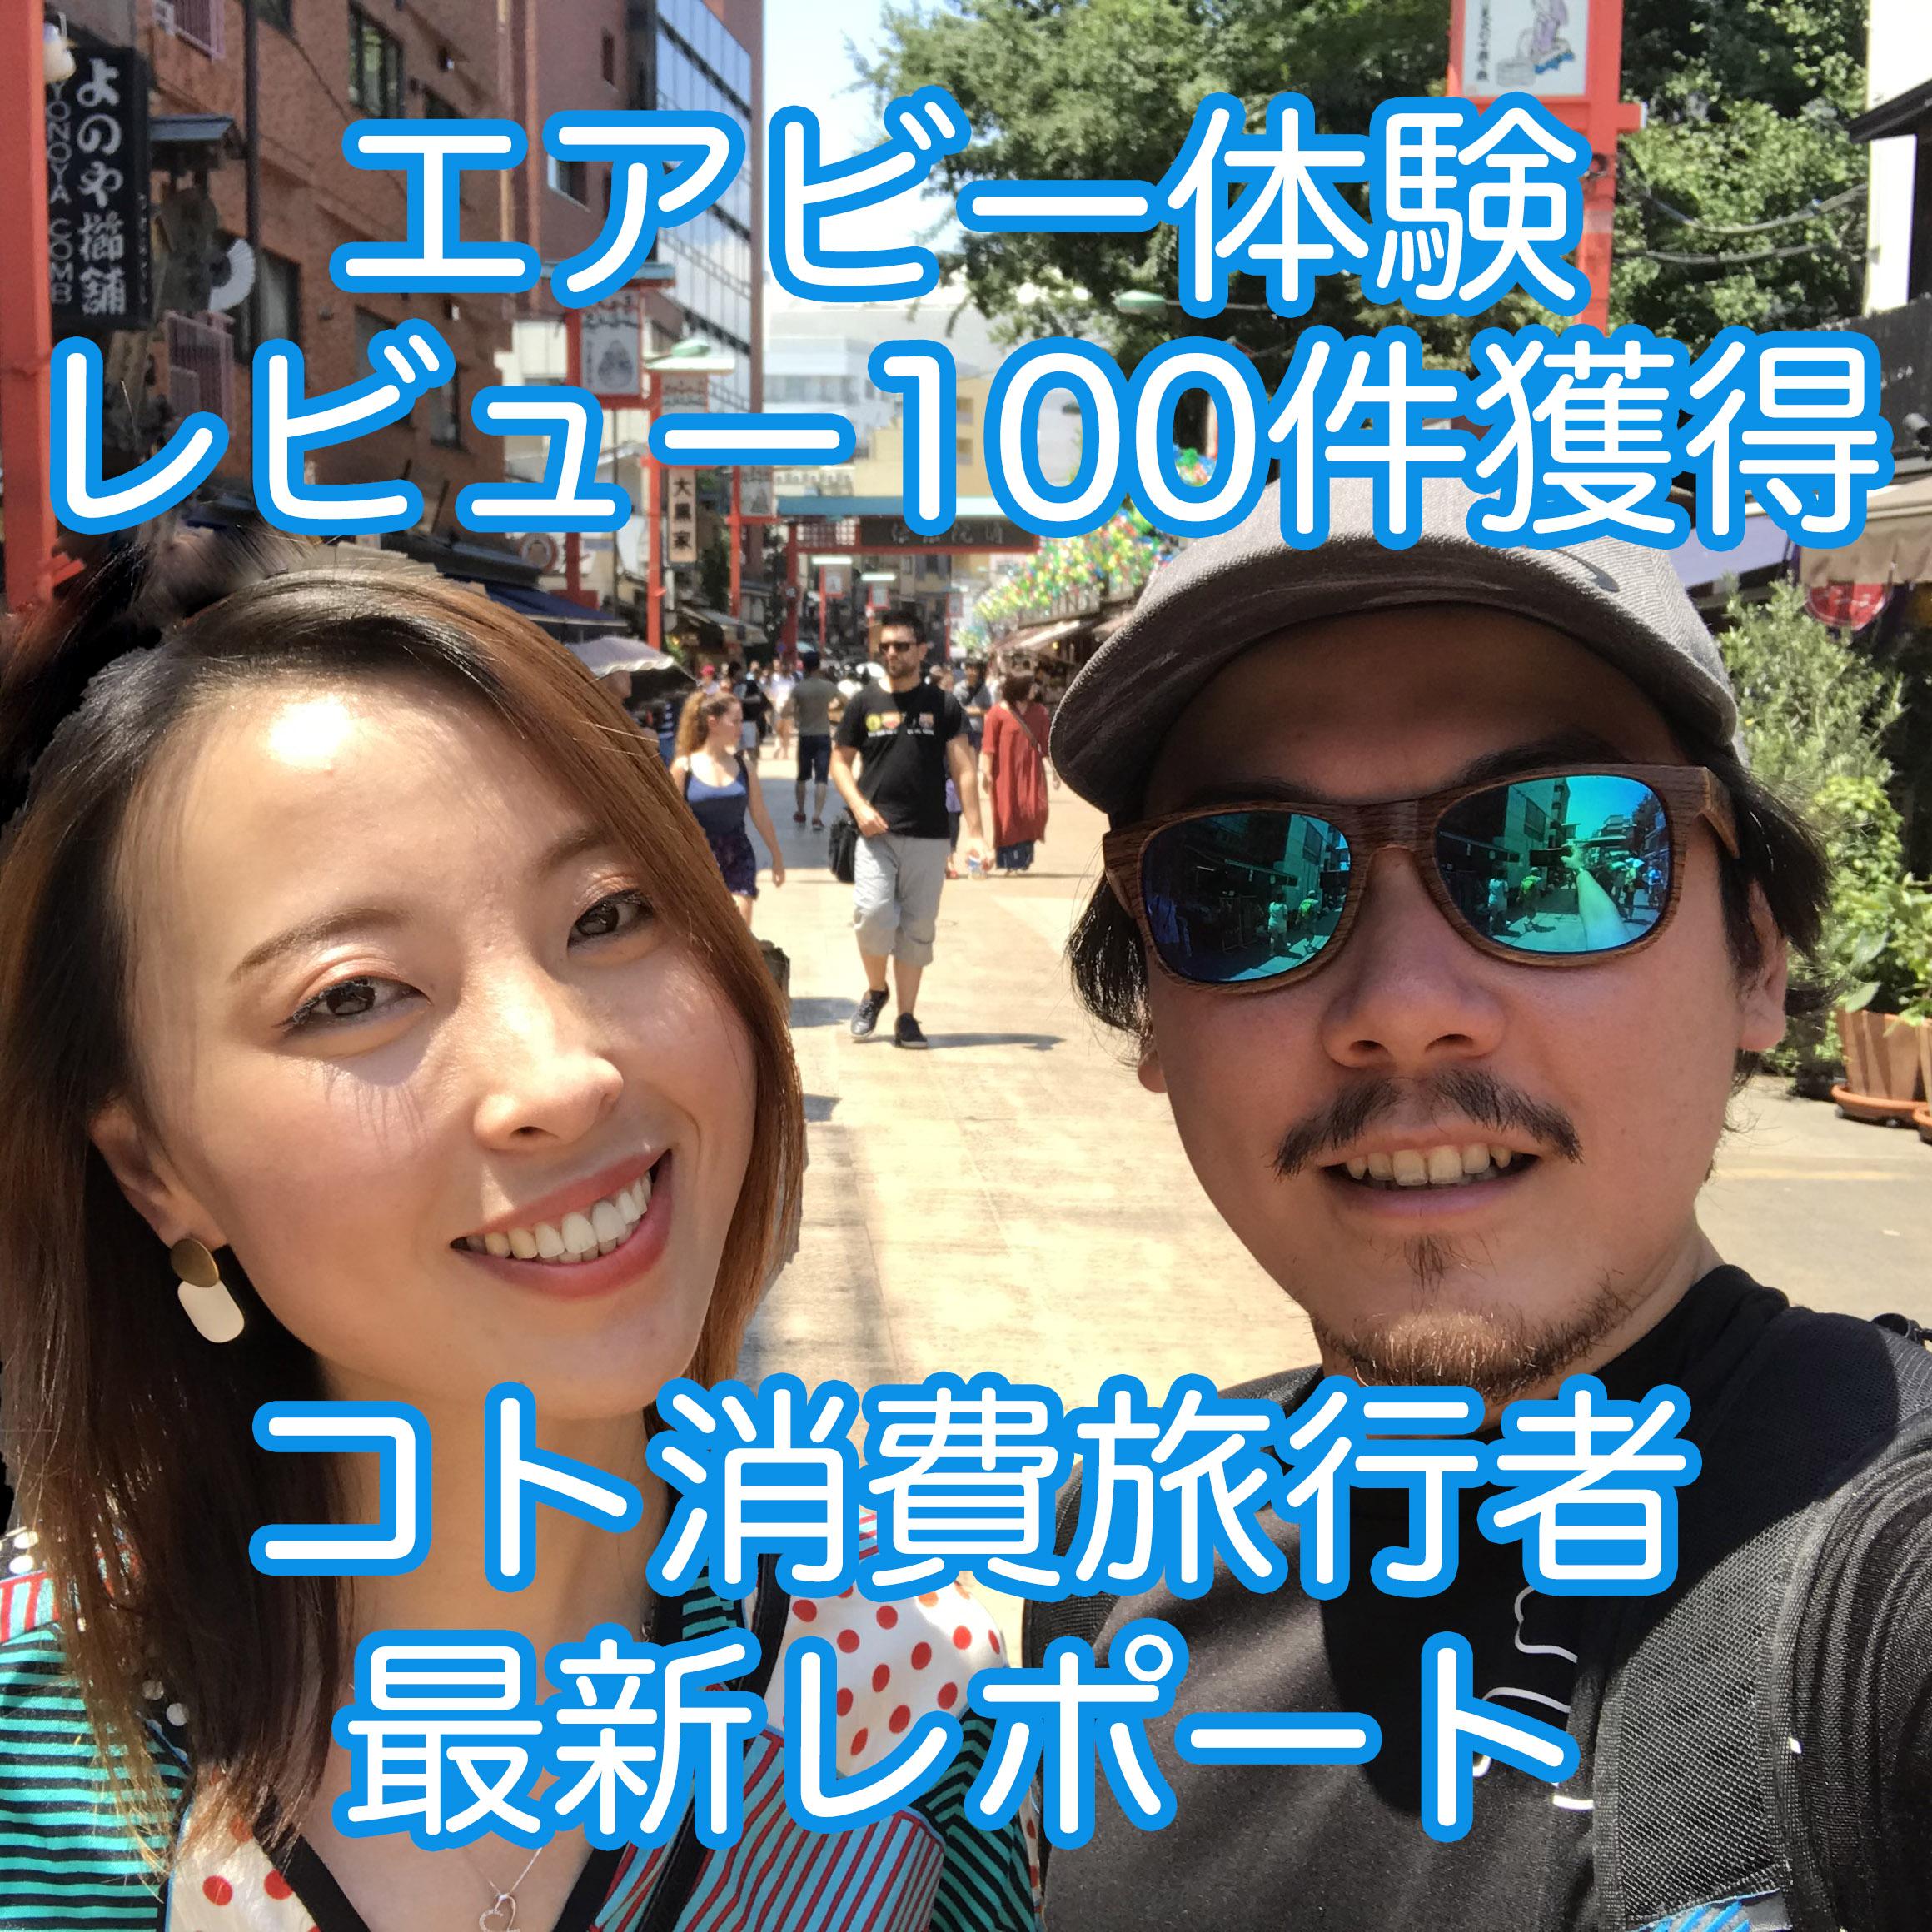 エアビー体験ツアーレビュー100件到達!! 女性一人旅50%?! 最新コト消費レポート!!